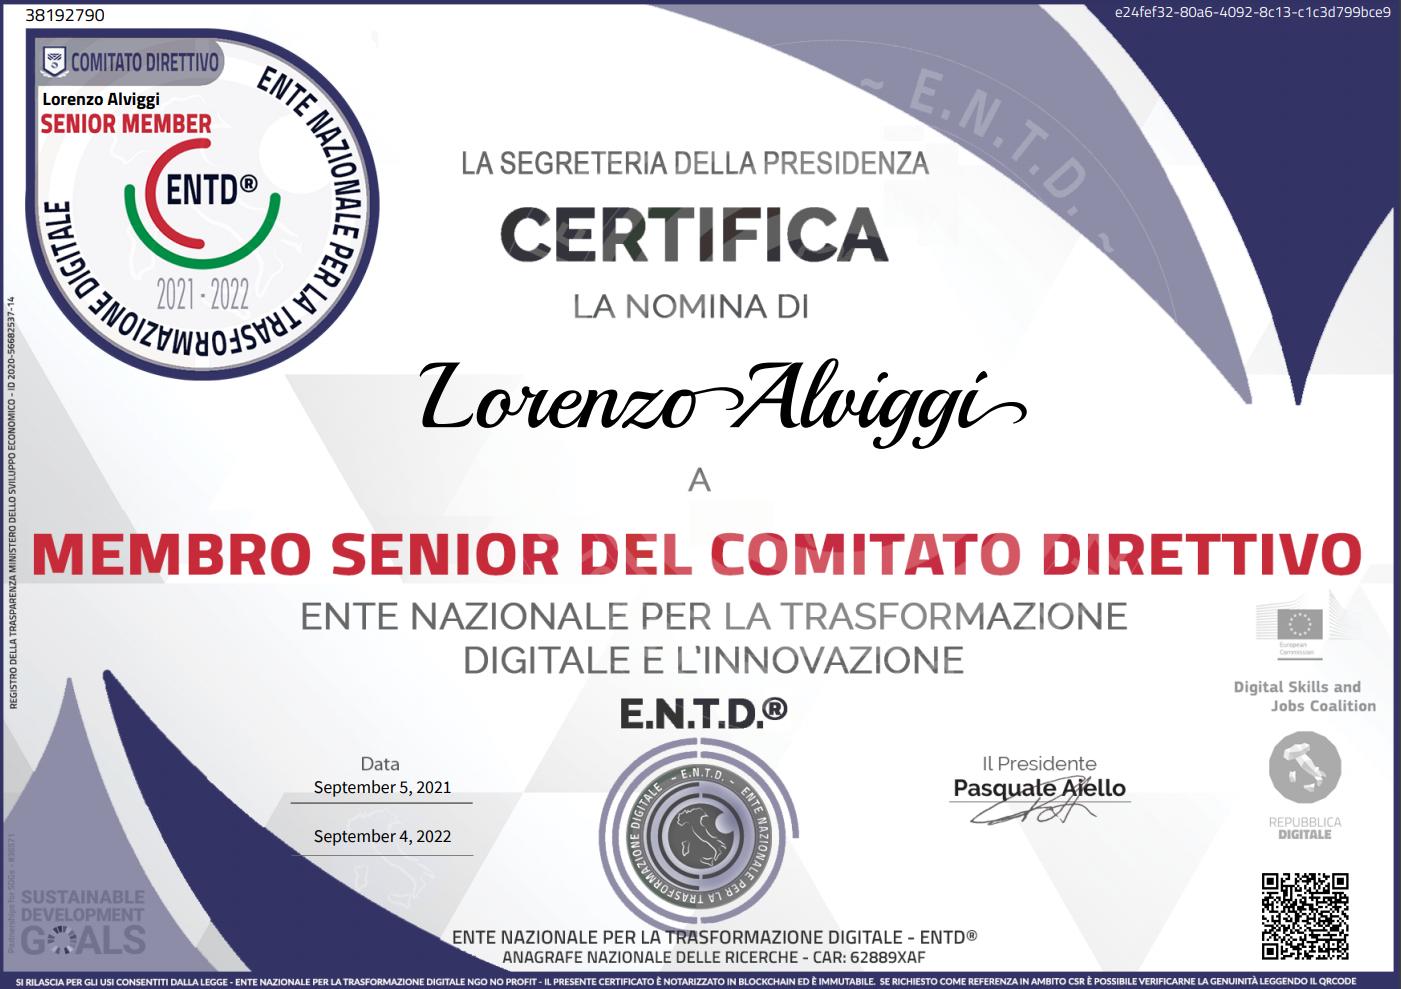 l'Ingegnere Lorenzo Alviggi entra nel Comitato Direttivo dell'Ente Nazionale ENTD®